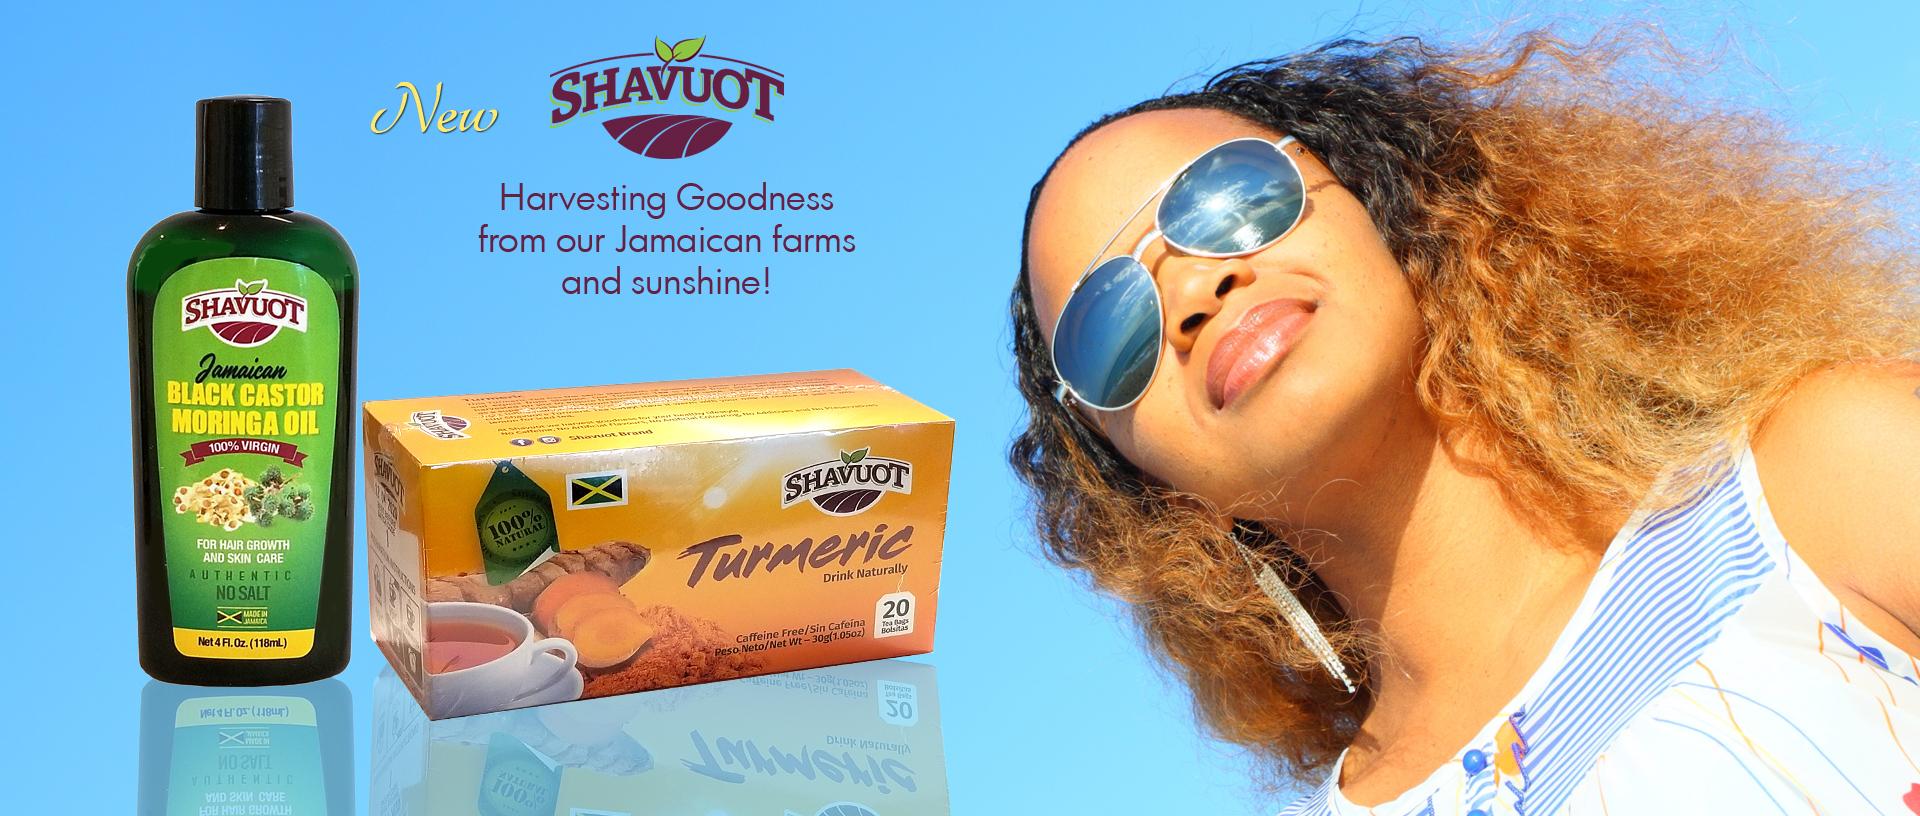 Shavuot Tumeric Tea and Black Castor MORINGA Oil